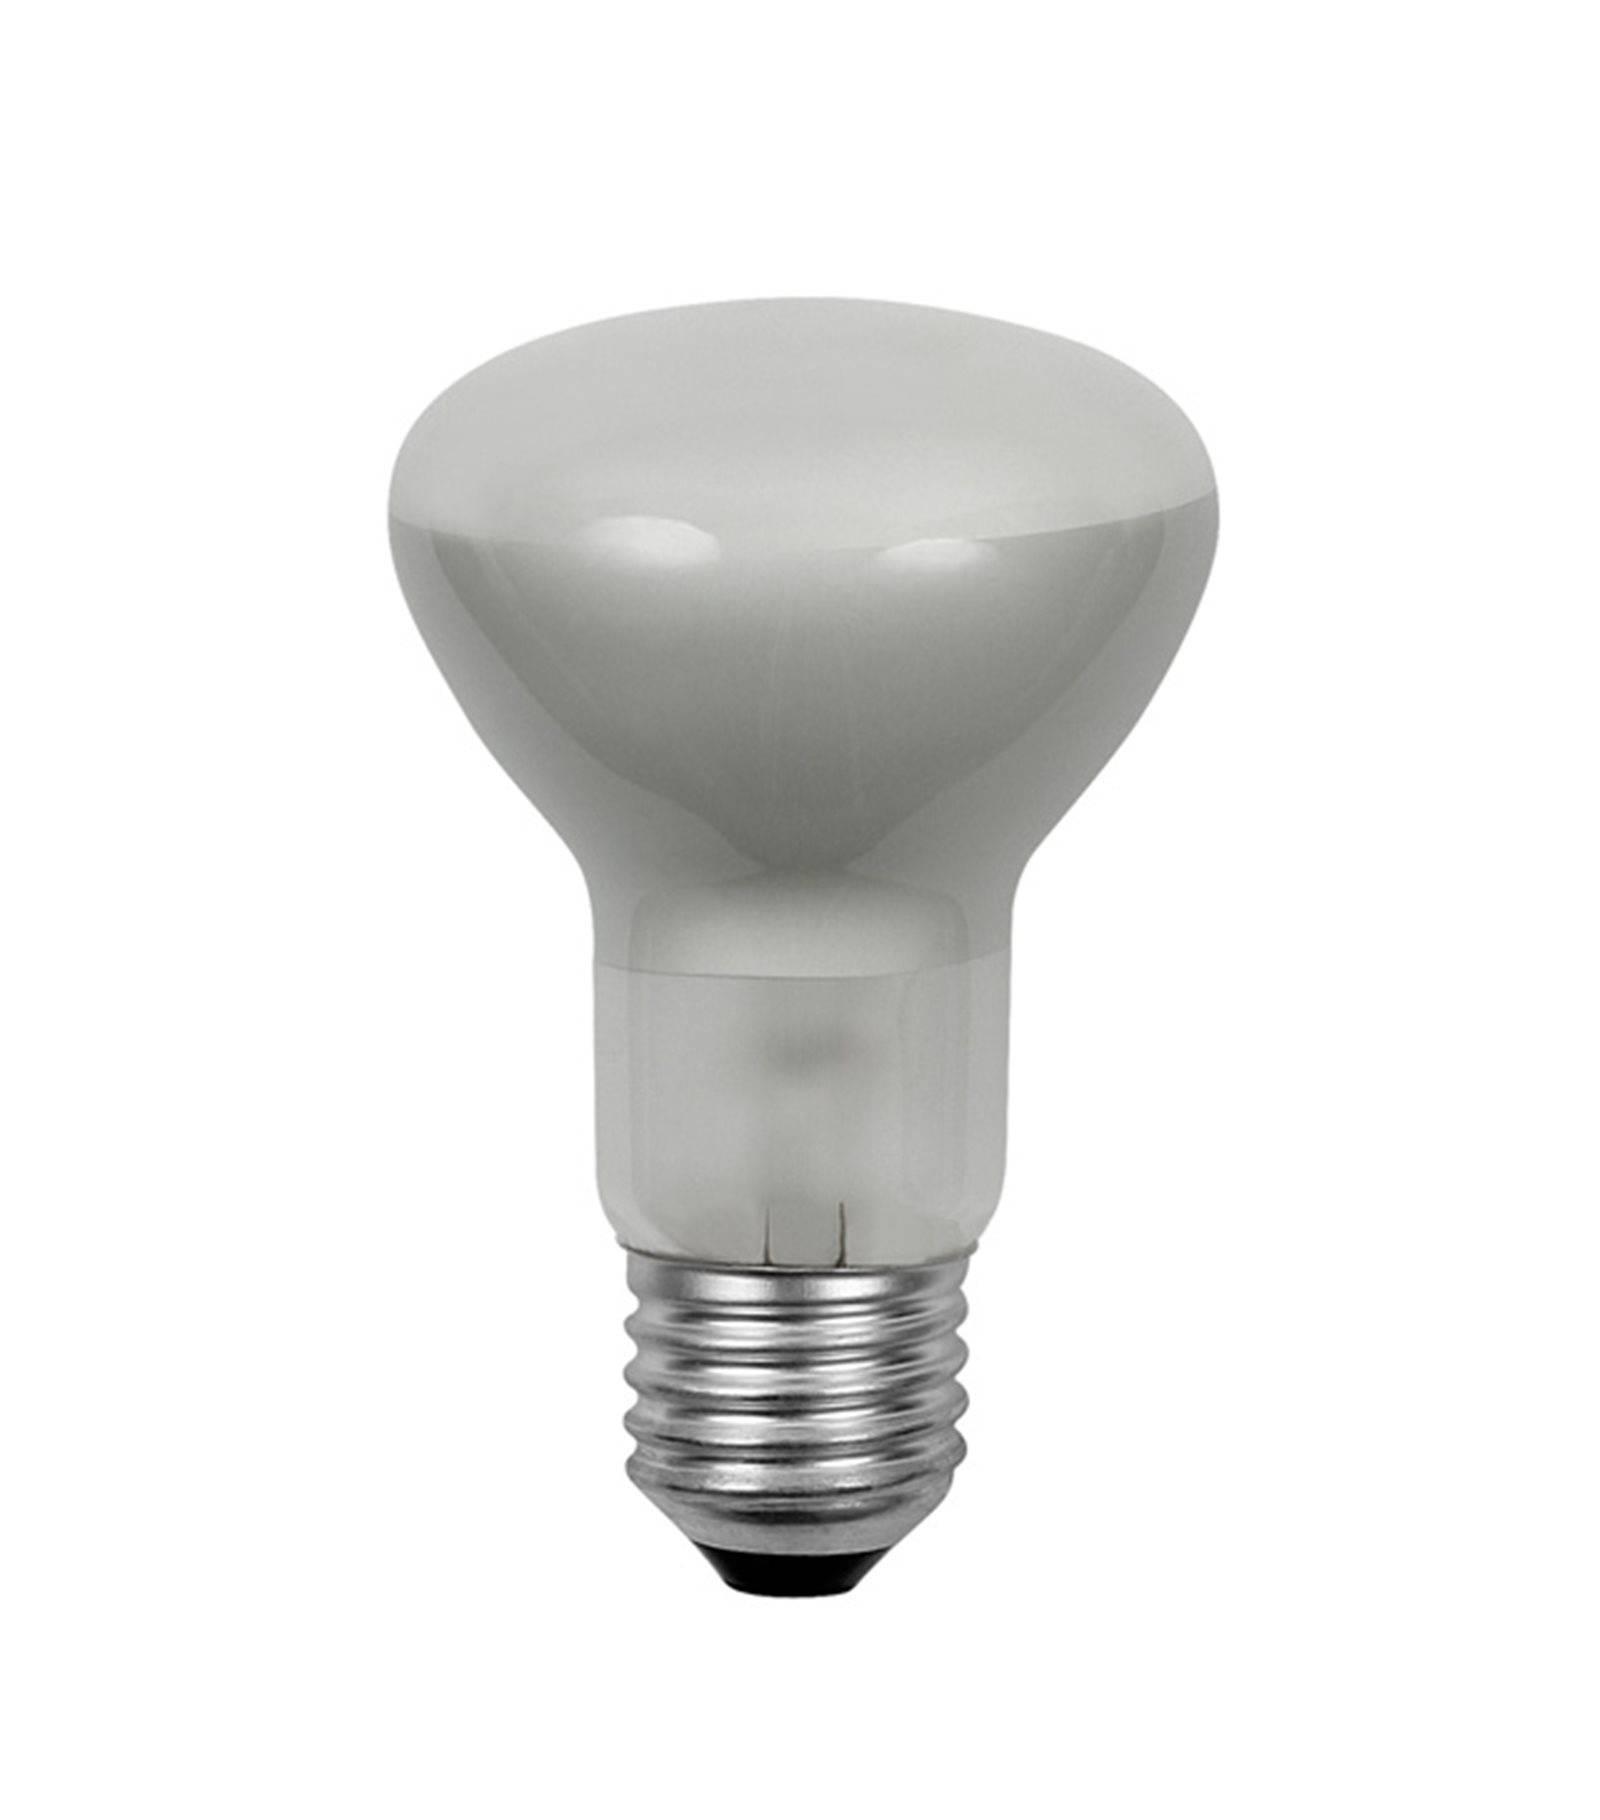 ampoule halog ne e27 r63 bulbe r flecteur 40w 260lm blanc chaud 60 kanlux ampoule halogene. Black Bedroom Furniture Sets. Home Design Ideas